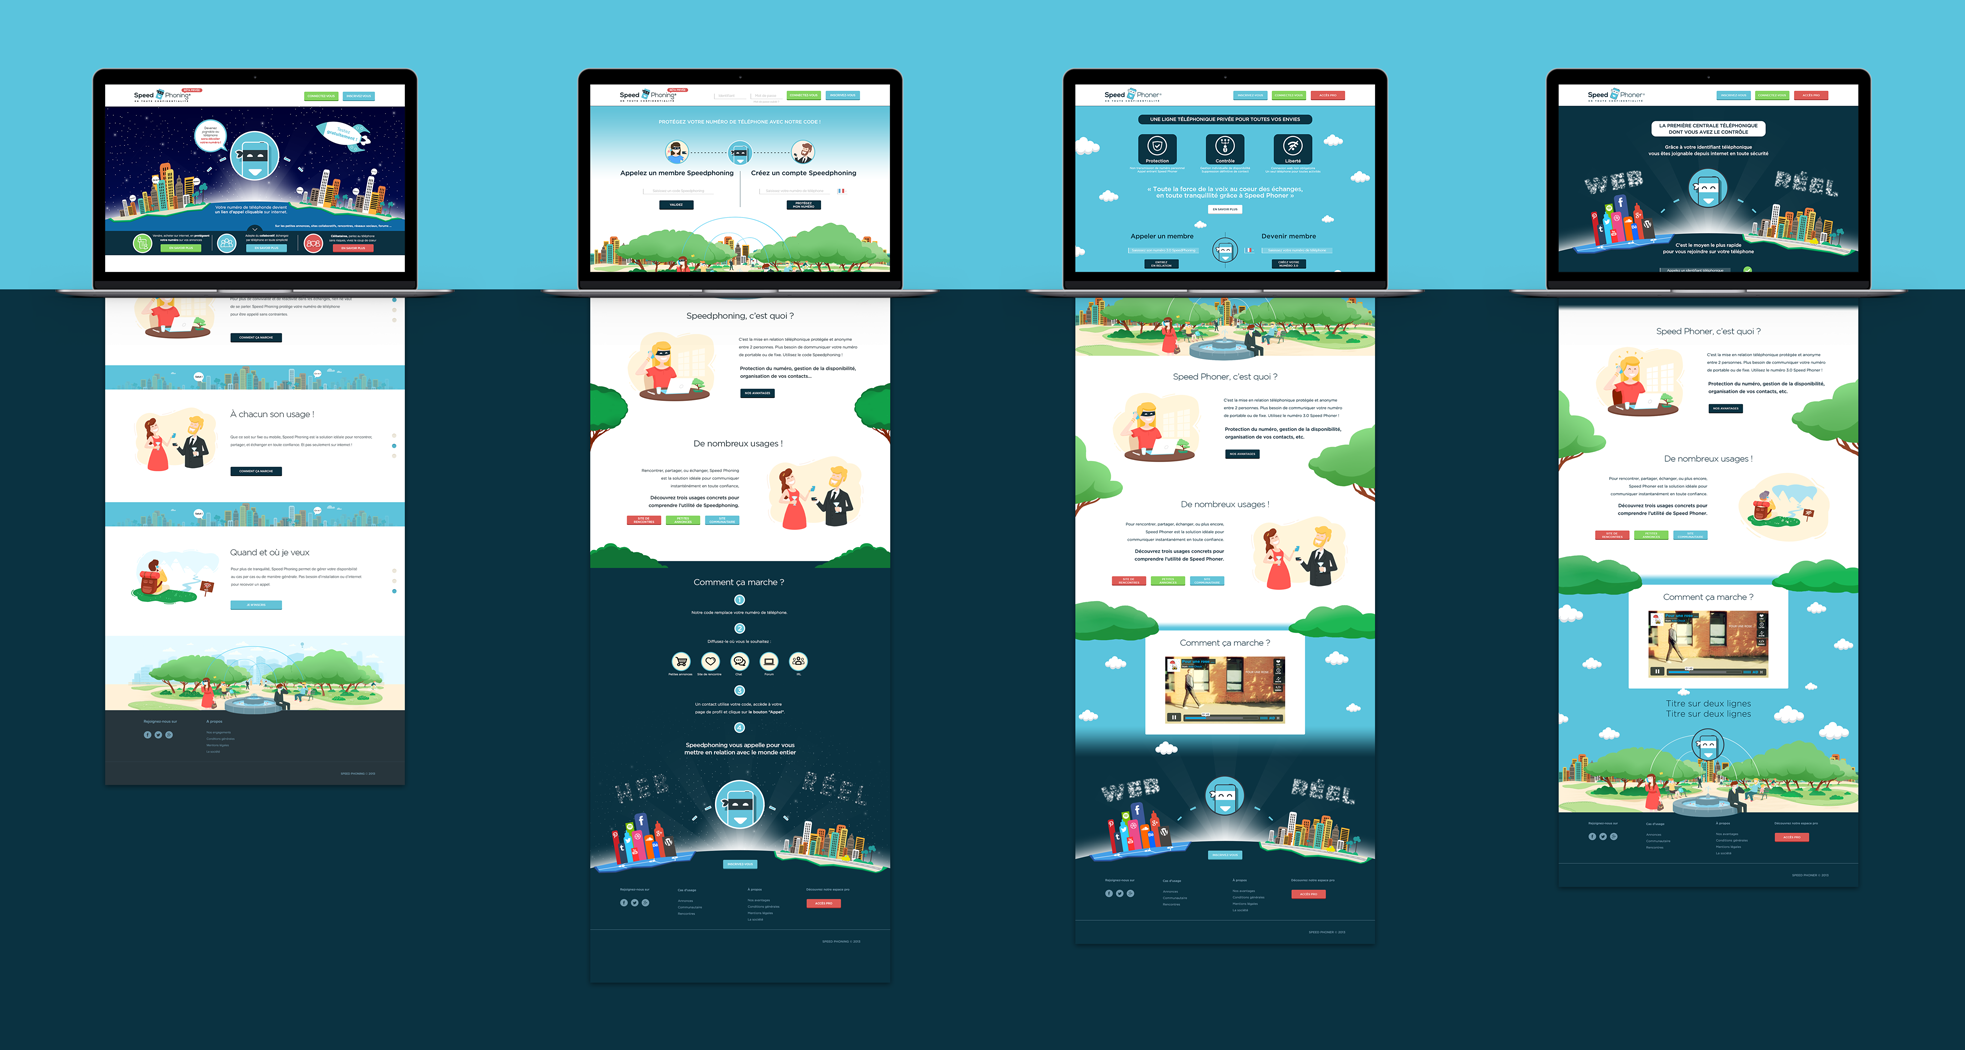 Les différentes itérations de la homepage de Speed Phoner